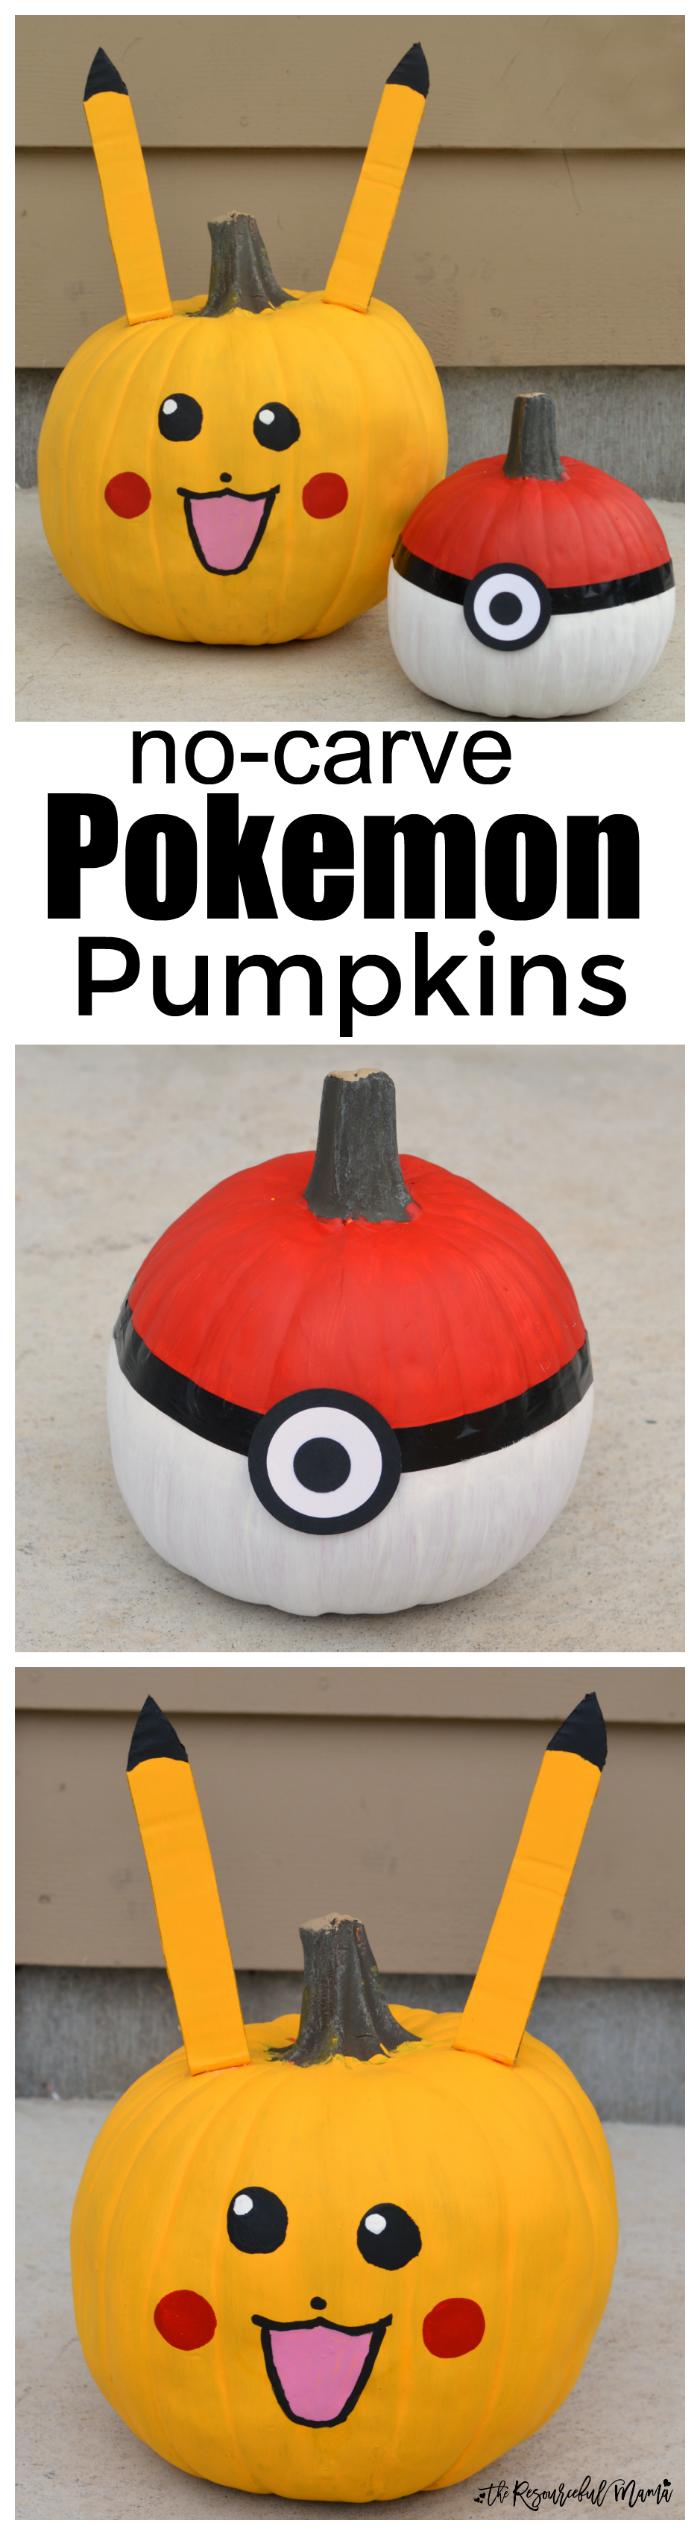 No Carve Pokemon Pumpkins | Calabazas, Halloween y Otoño